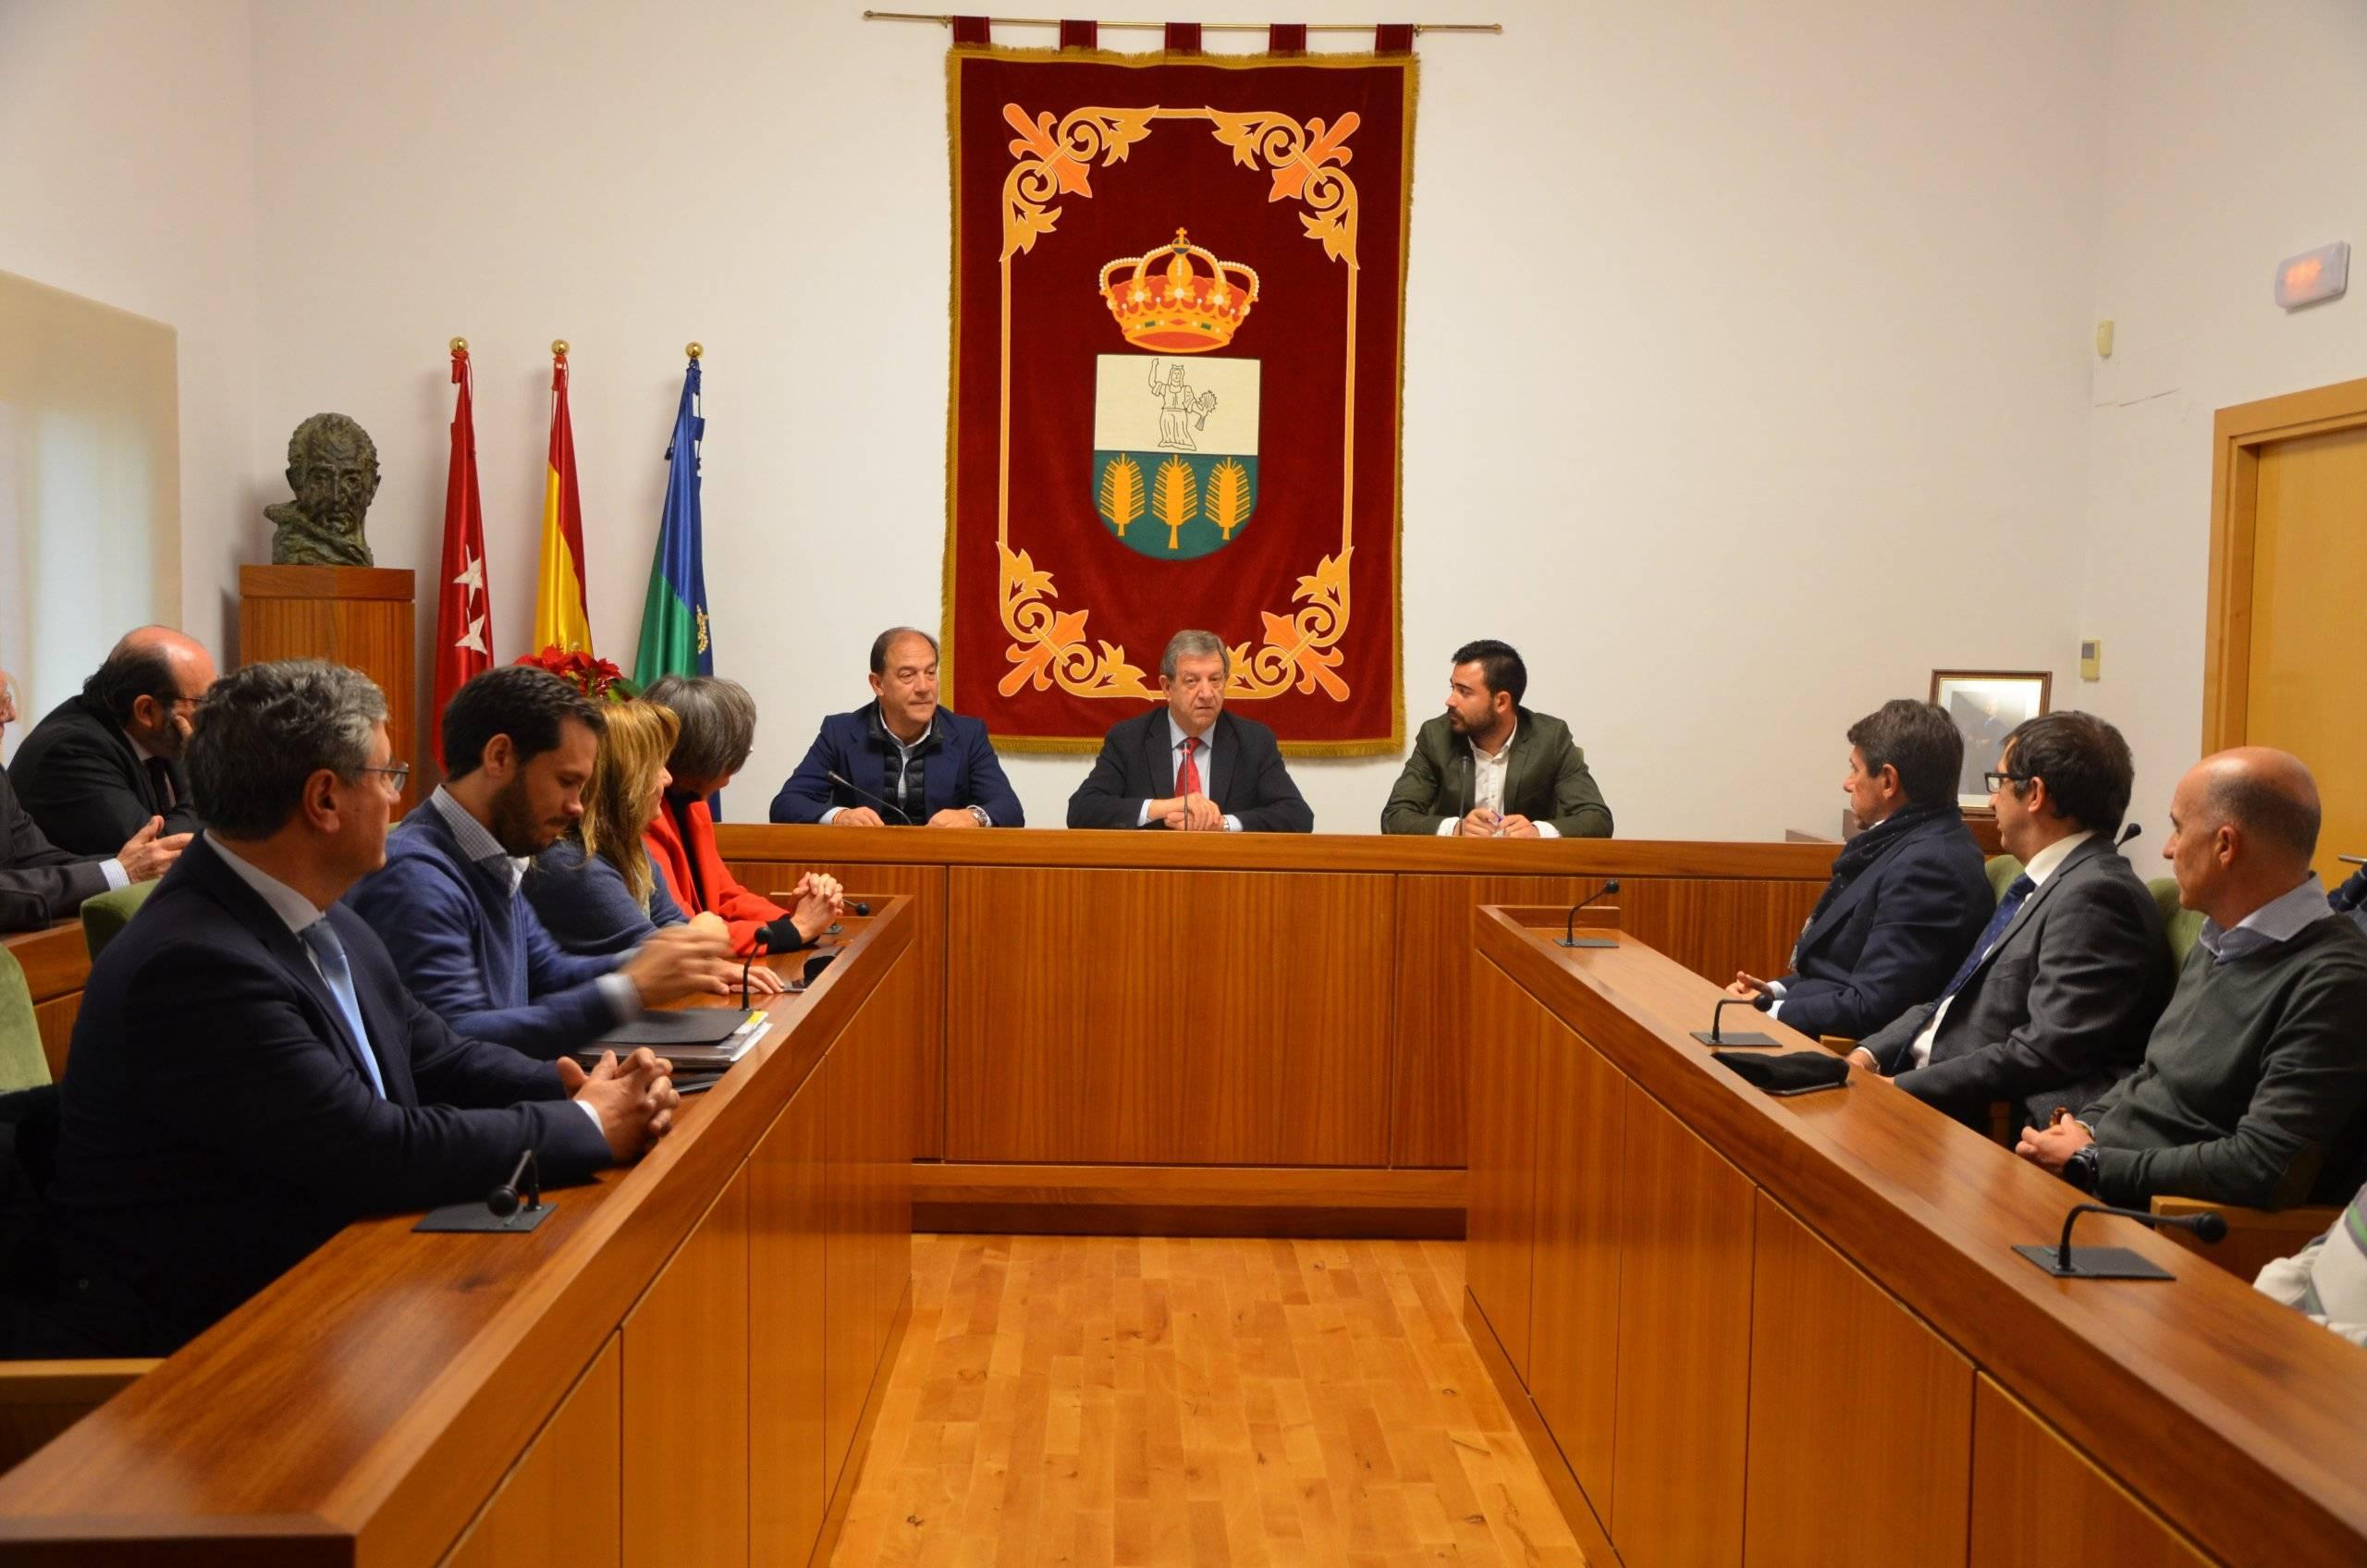 El acto de entrega ha tenido lugar en el Salón de Plenos del Ayuntamiento.